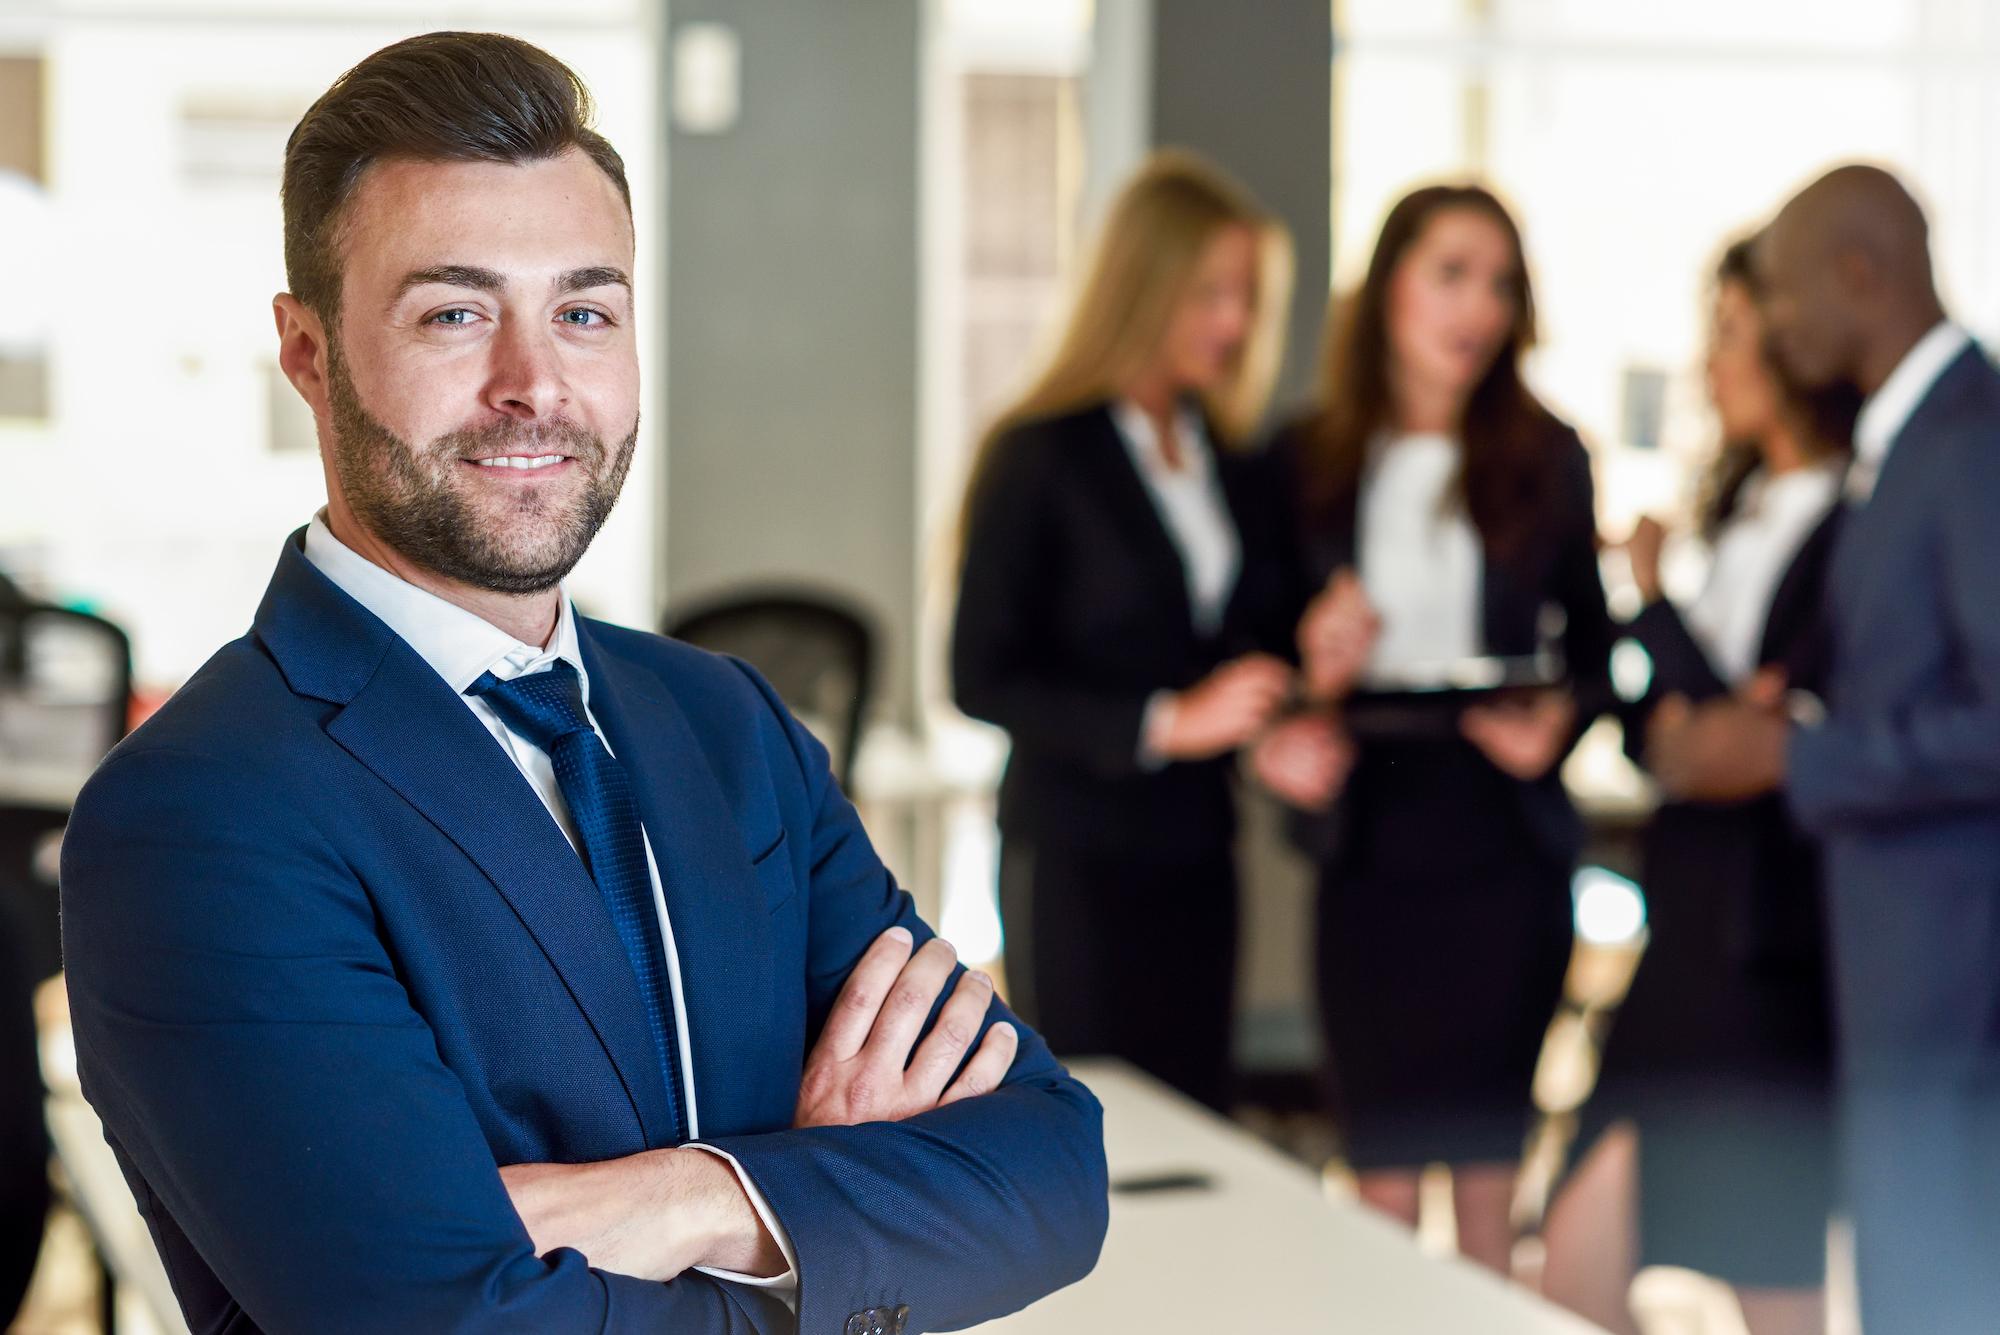 business man team leader smiling